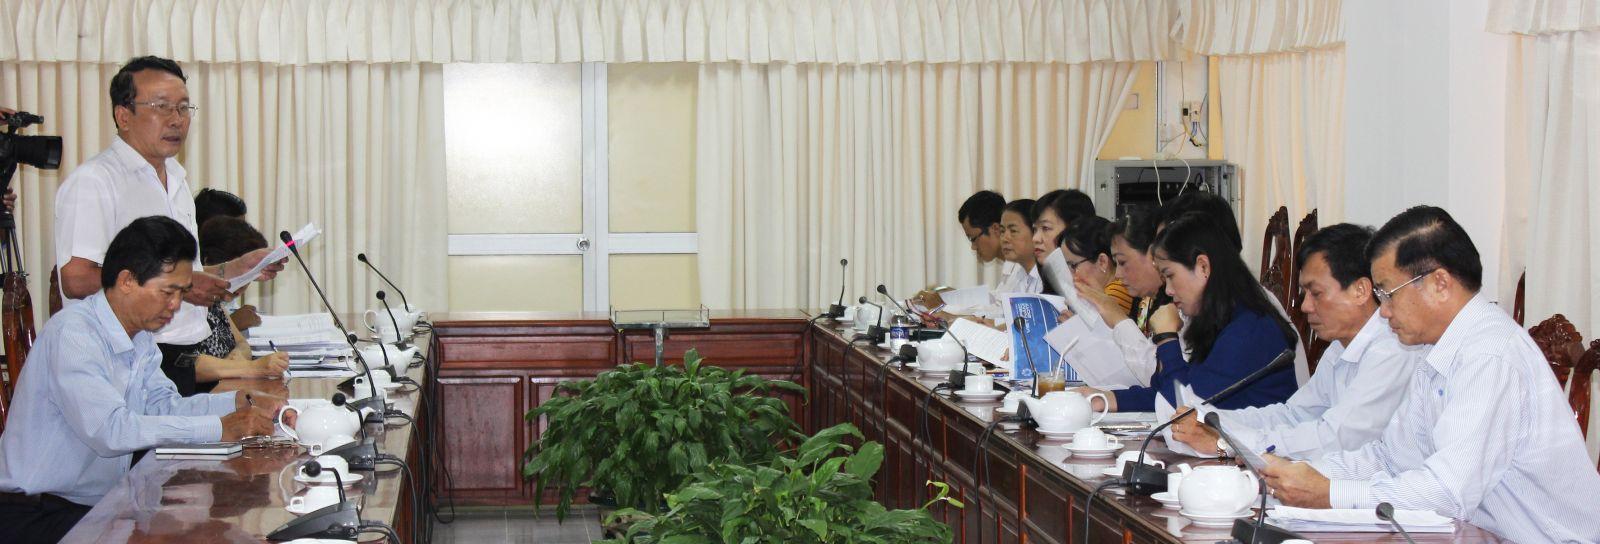 Phó Chủ tịch UBND TP Cần Thơ Đào Anh Dũng làm việc với Tiểu ban Tuyên truyền, thông tin báo chí và cảnh quan môi trường.